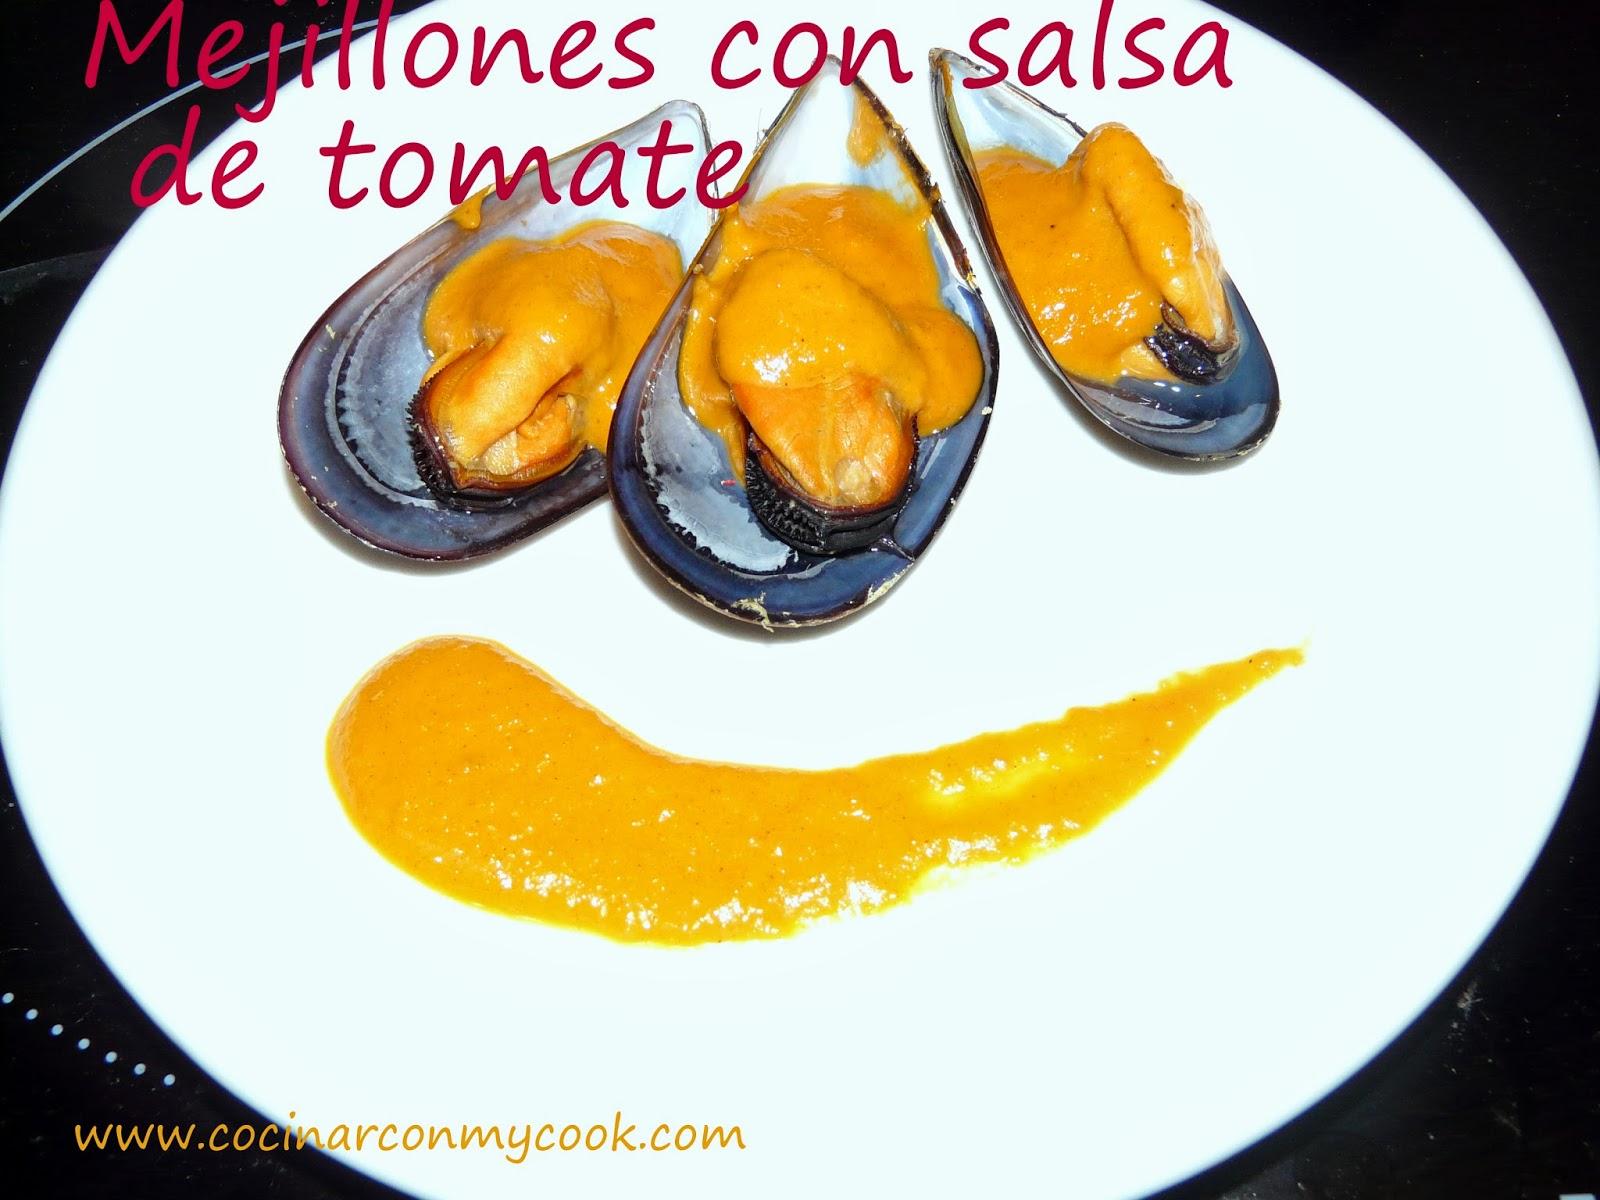 Cocinar con mycook mejillones con salsa de tomate for Cocinar mejillones en salsa